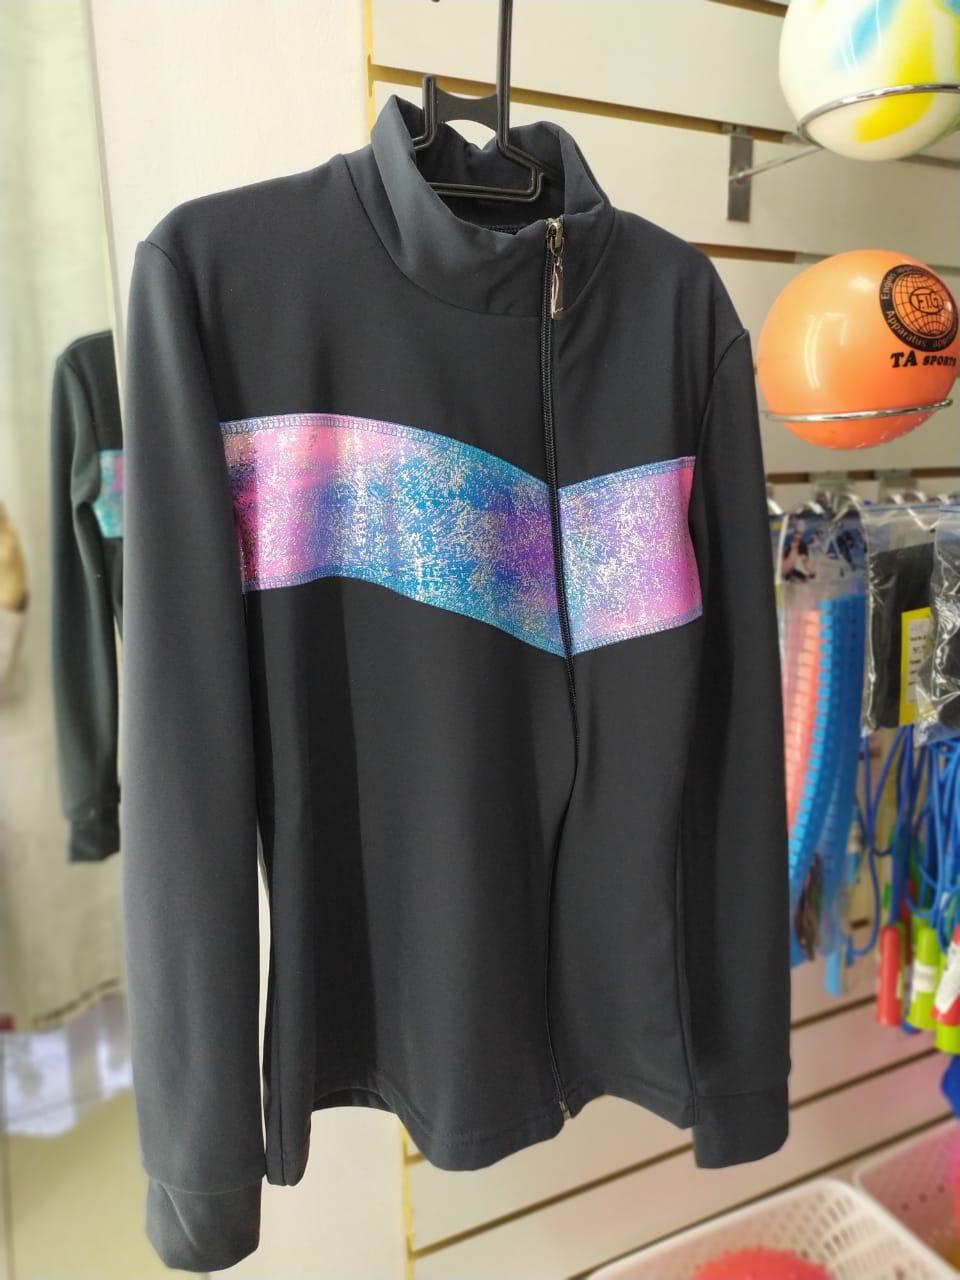 Термокуртка для фигурного катания ФКР 5.04 (Vuelta) FENIX ST - фото 3